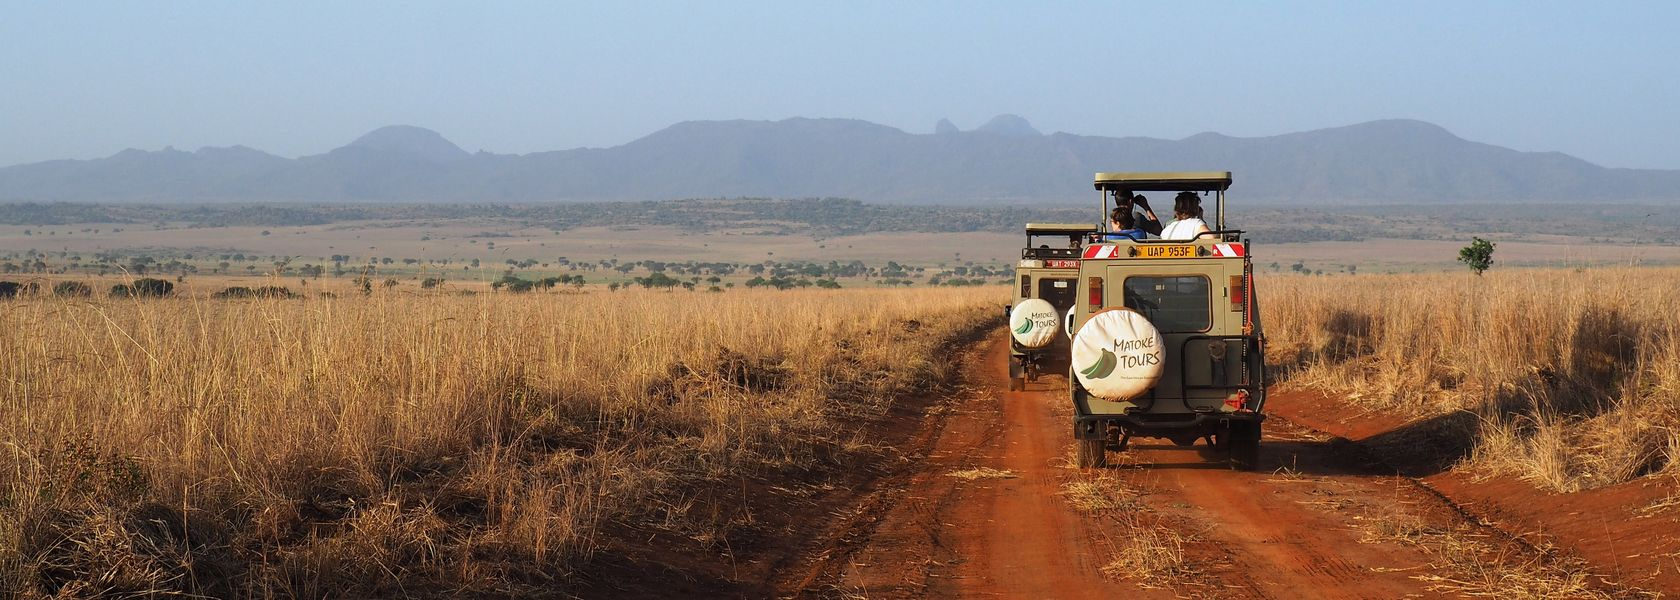 Reisvoorwaarden Matoke Tours